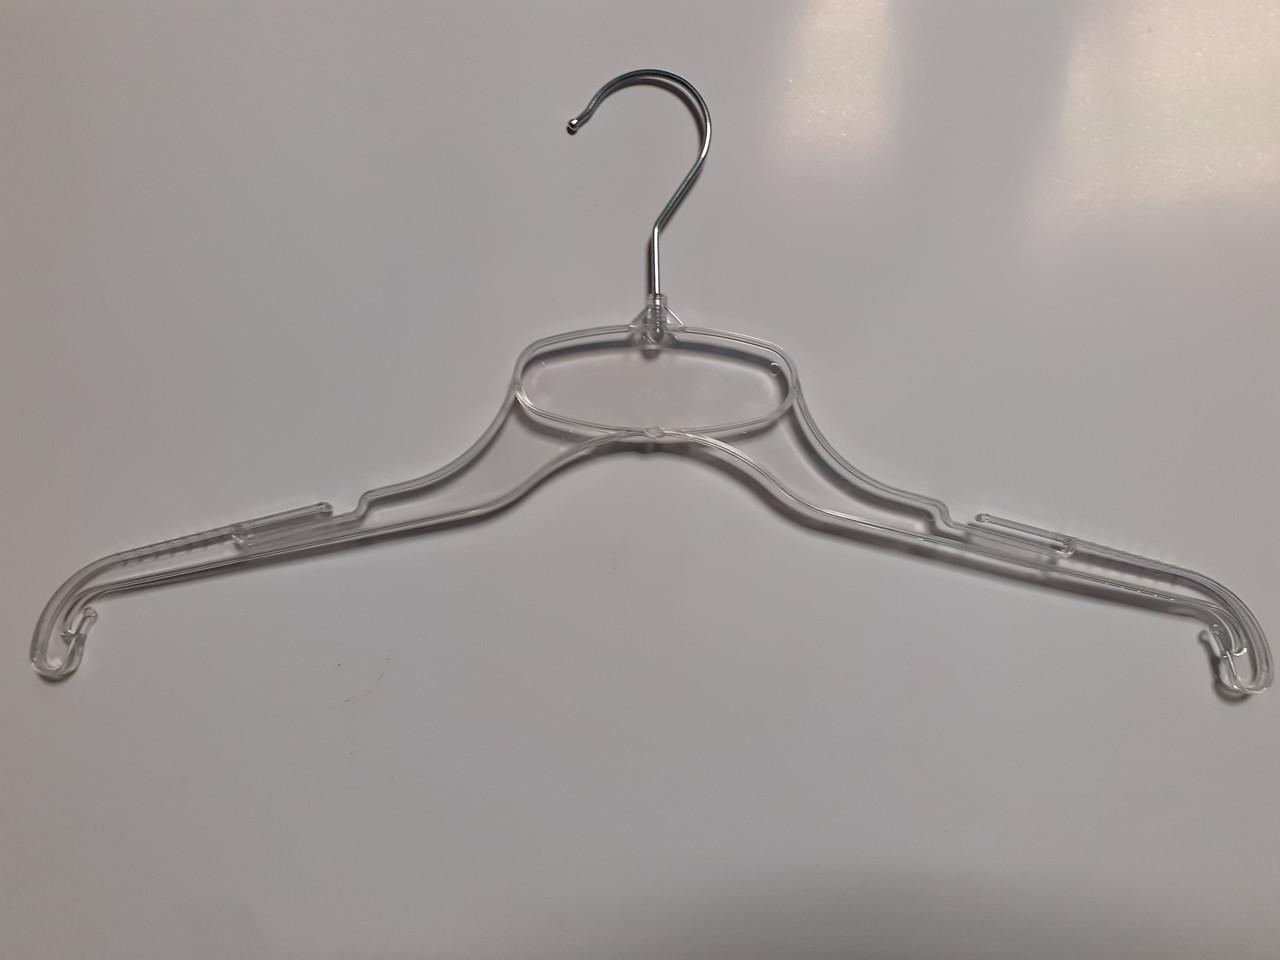 Вешалки, тремпеля, плечики для одежды металлический крючок 43см Прозрачные